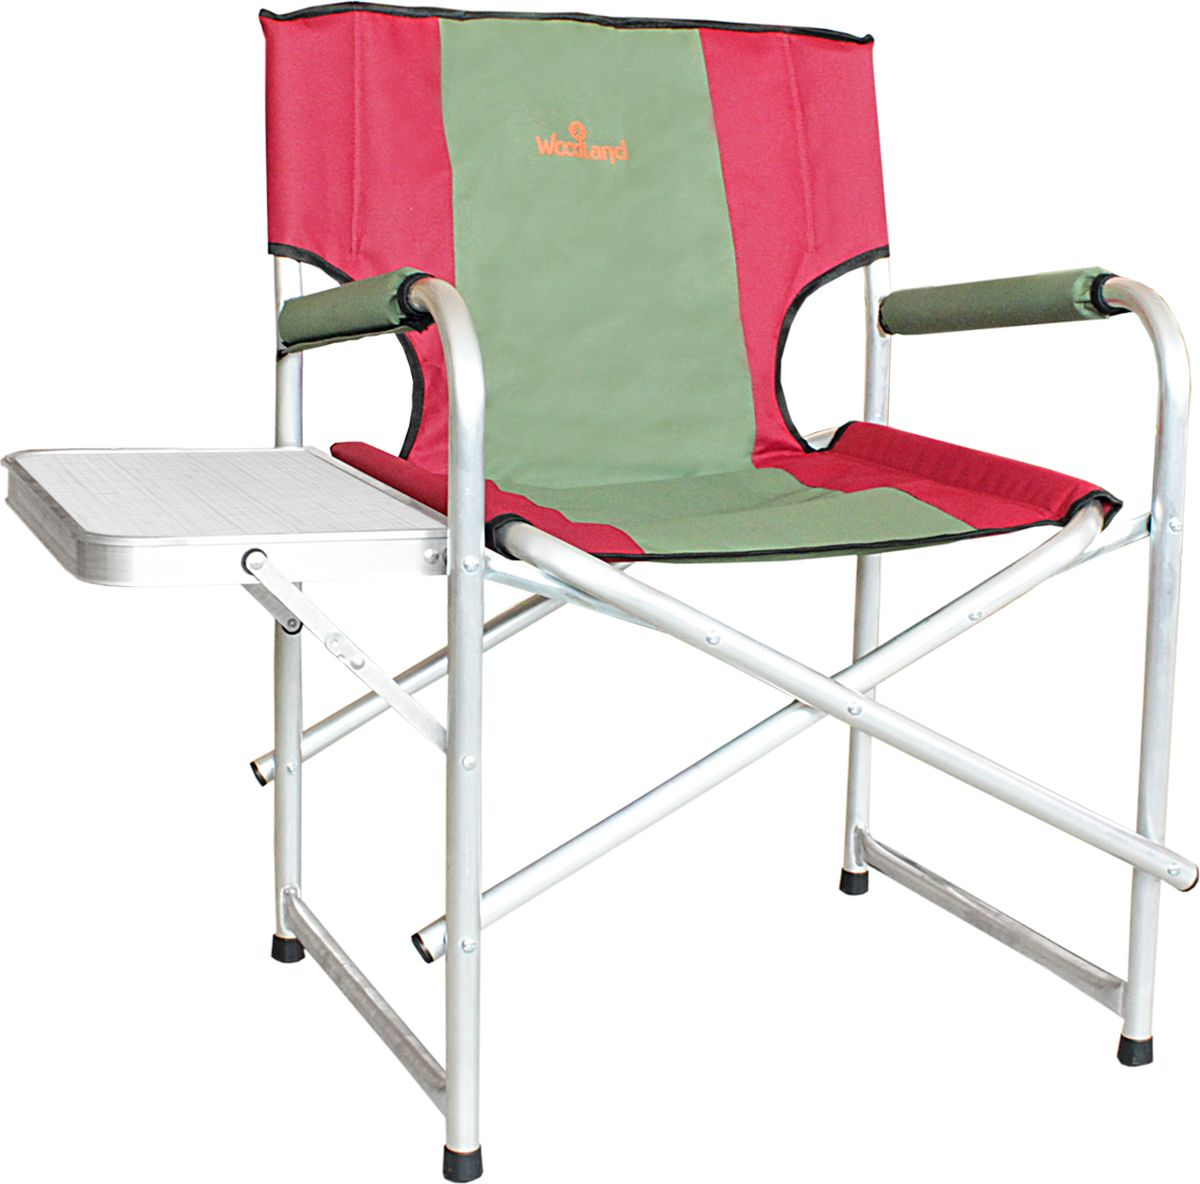 Кресло складное Woodland Super Max+, со столиком, цвет: красный, оливковый, 55 x 62 x 63 см кресло woodland ck 100 comfort складное кемпинговое 54 x 54 x 98 см сталь